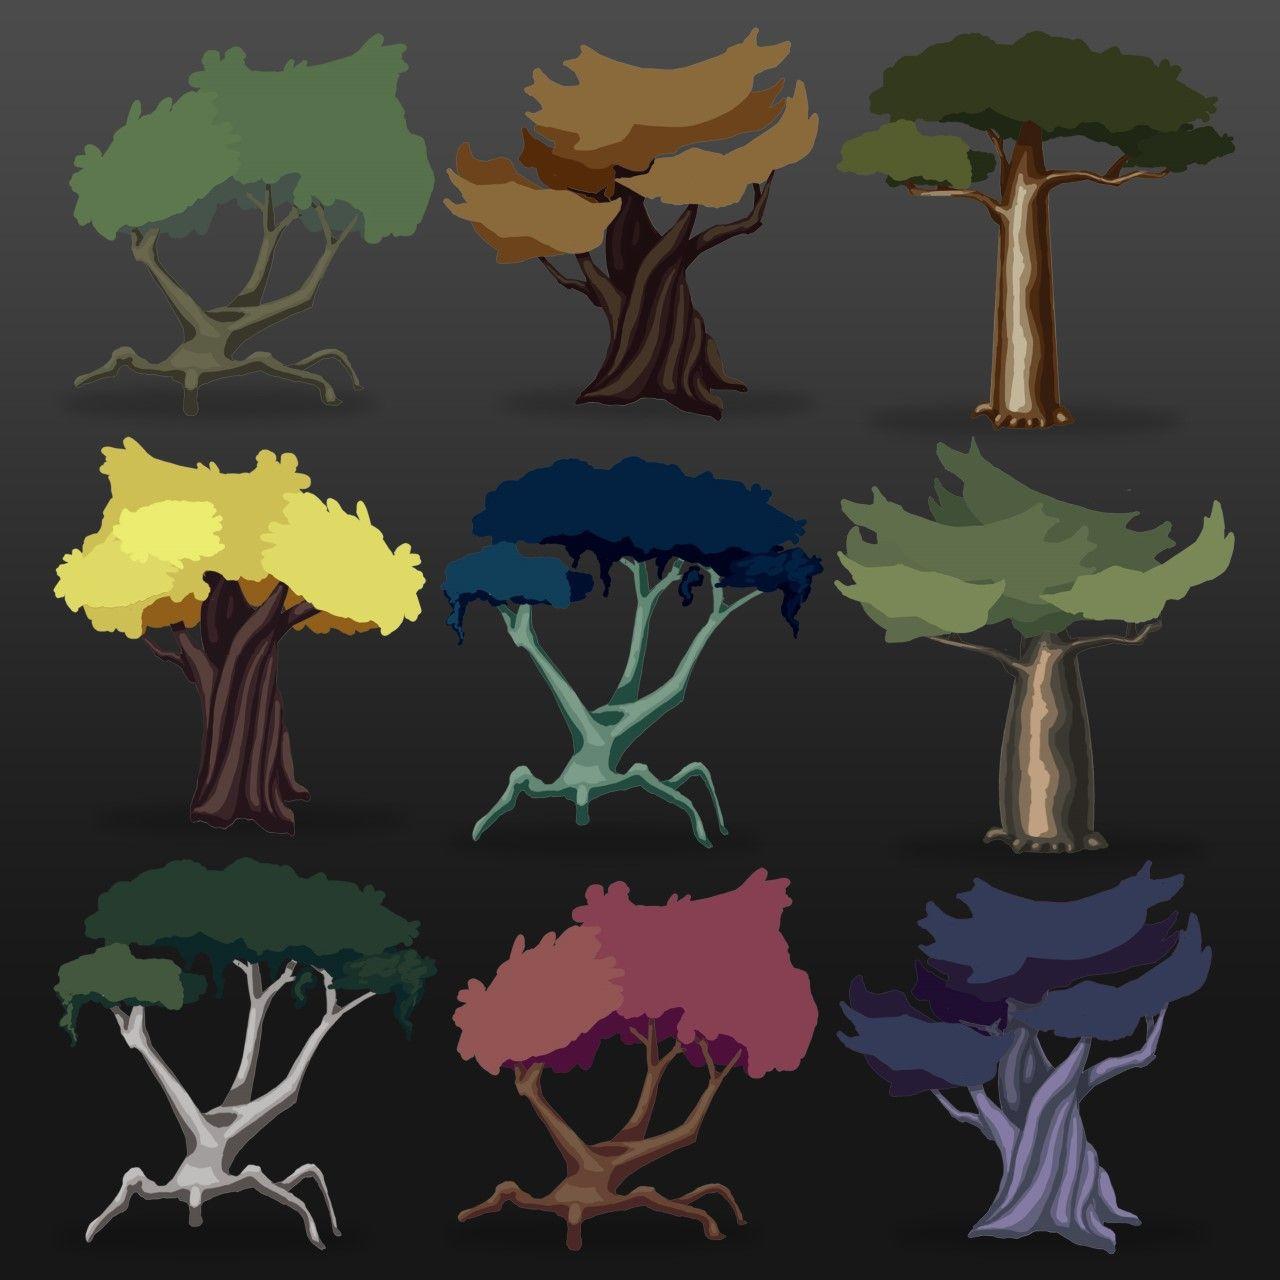 Https:&#x2 F;&#x2 F;d3stdg5so273ei.cloudfront.net&#x2 F;folsiec&#x2 F;2019 06 16&#x2 F;266927&#x2 F;1400x Auto&#x2 F;thumbnail Trees%2520 Painted Folsiec